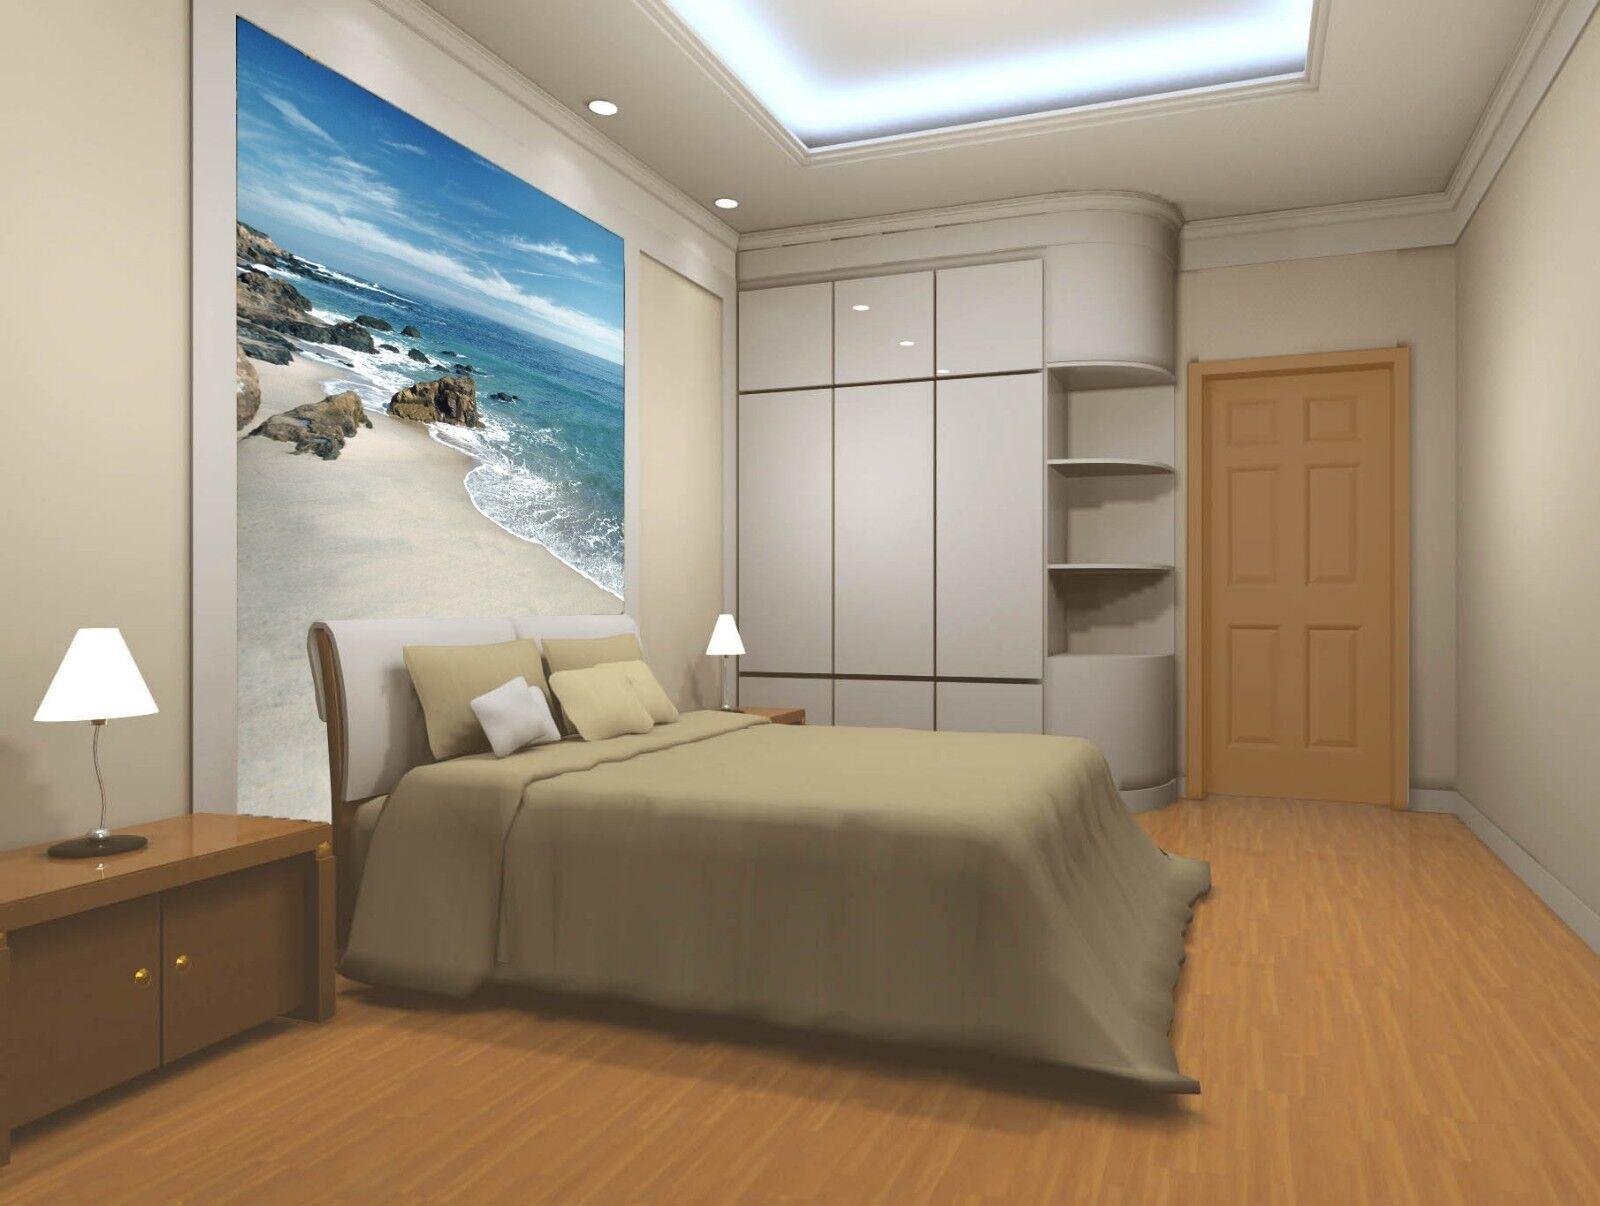 3D Bule Waves 4201 Wallpaper Murals Wall Print Wall Mural AJ WALLPAPER UK Lemon